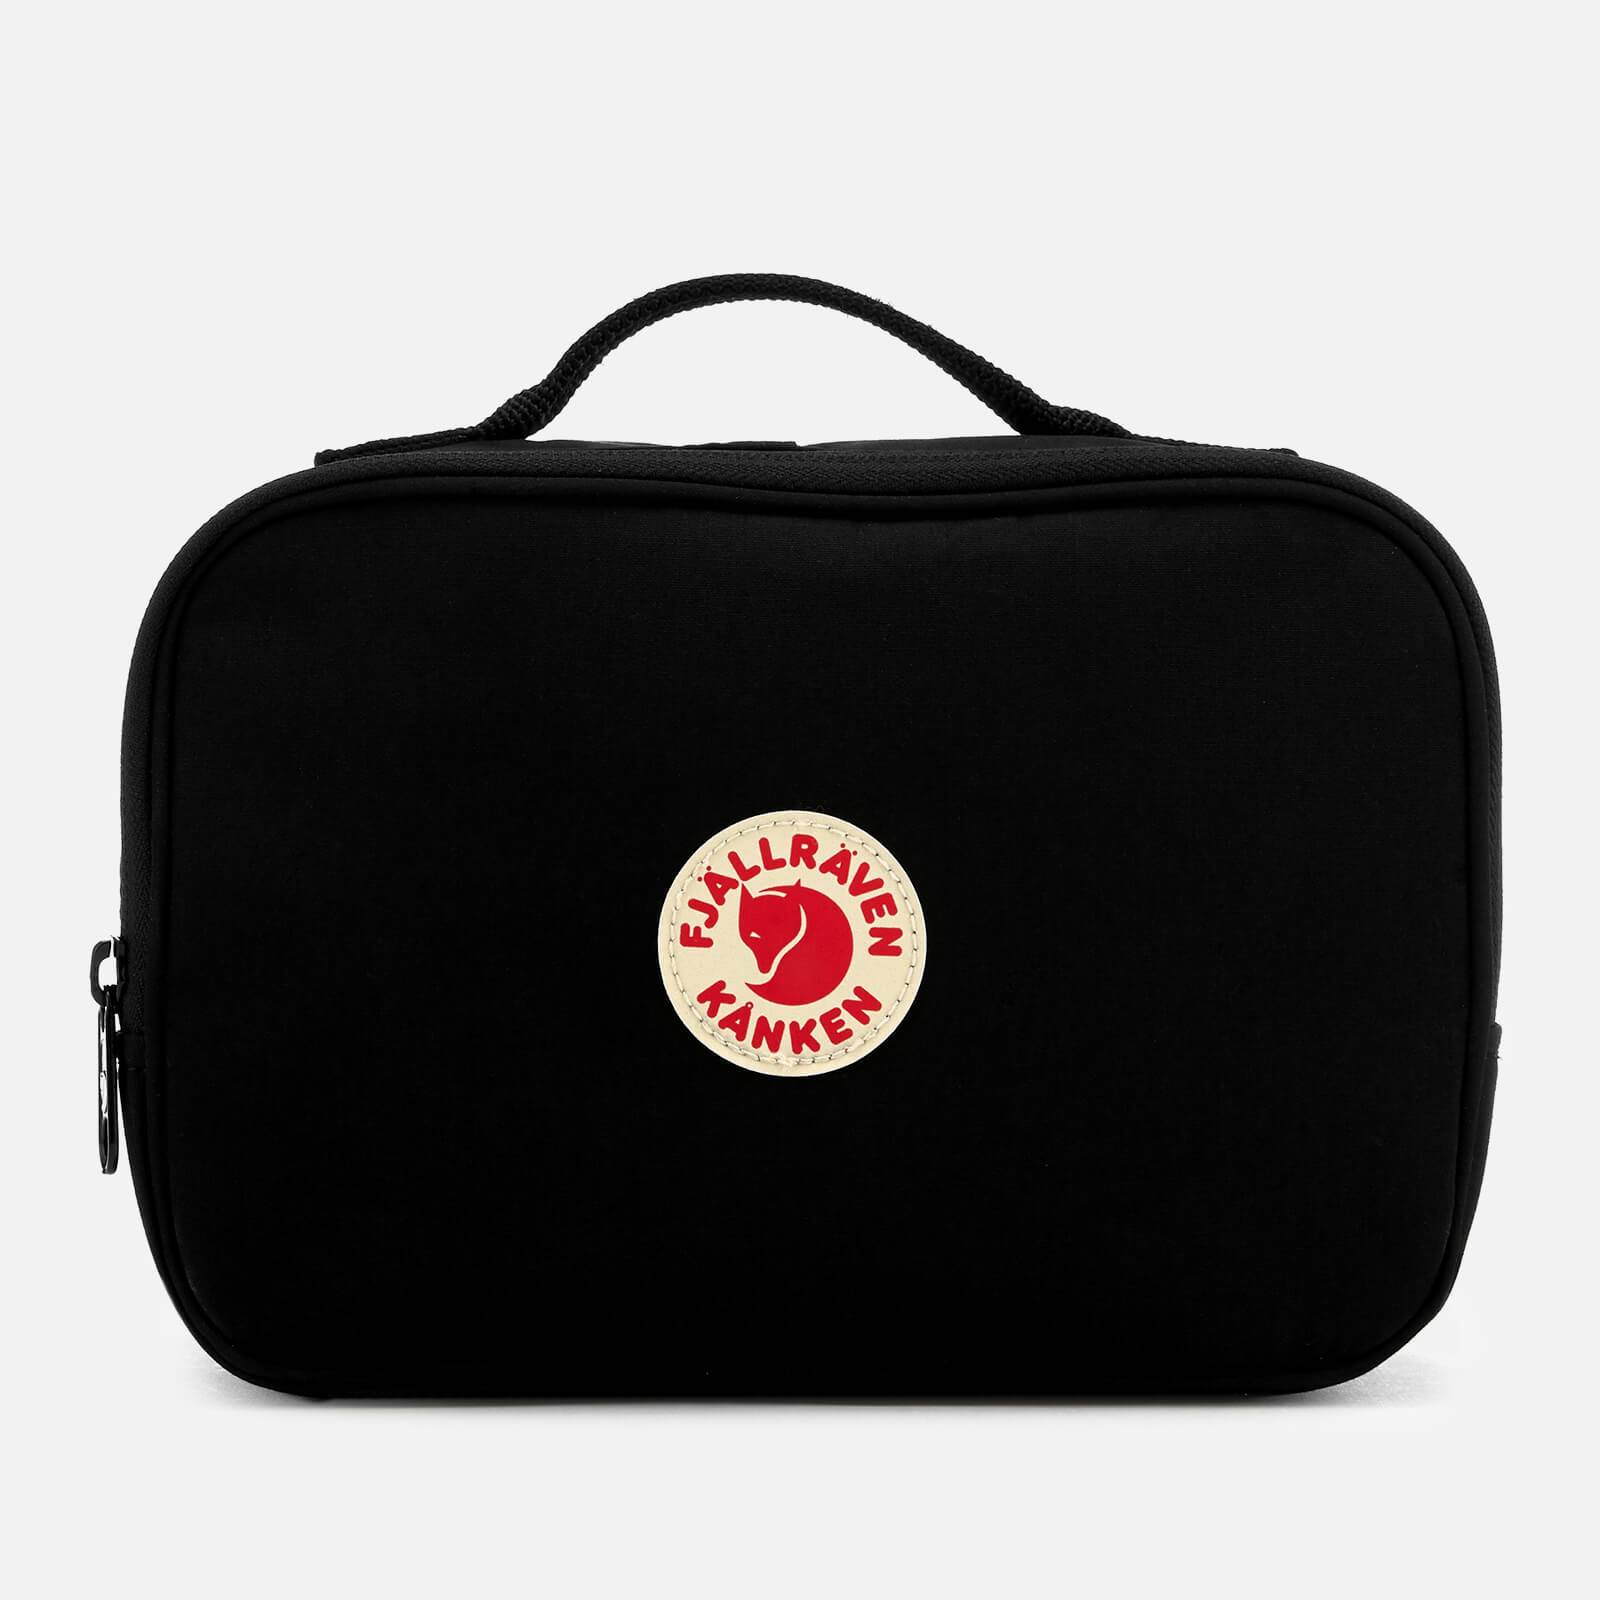 Fjallraven Kanken Toiletry Bag - Black